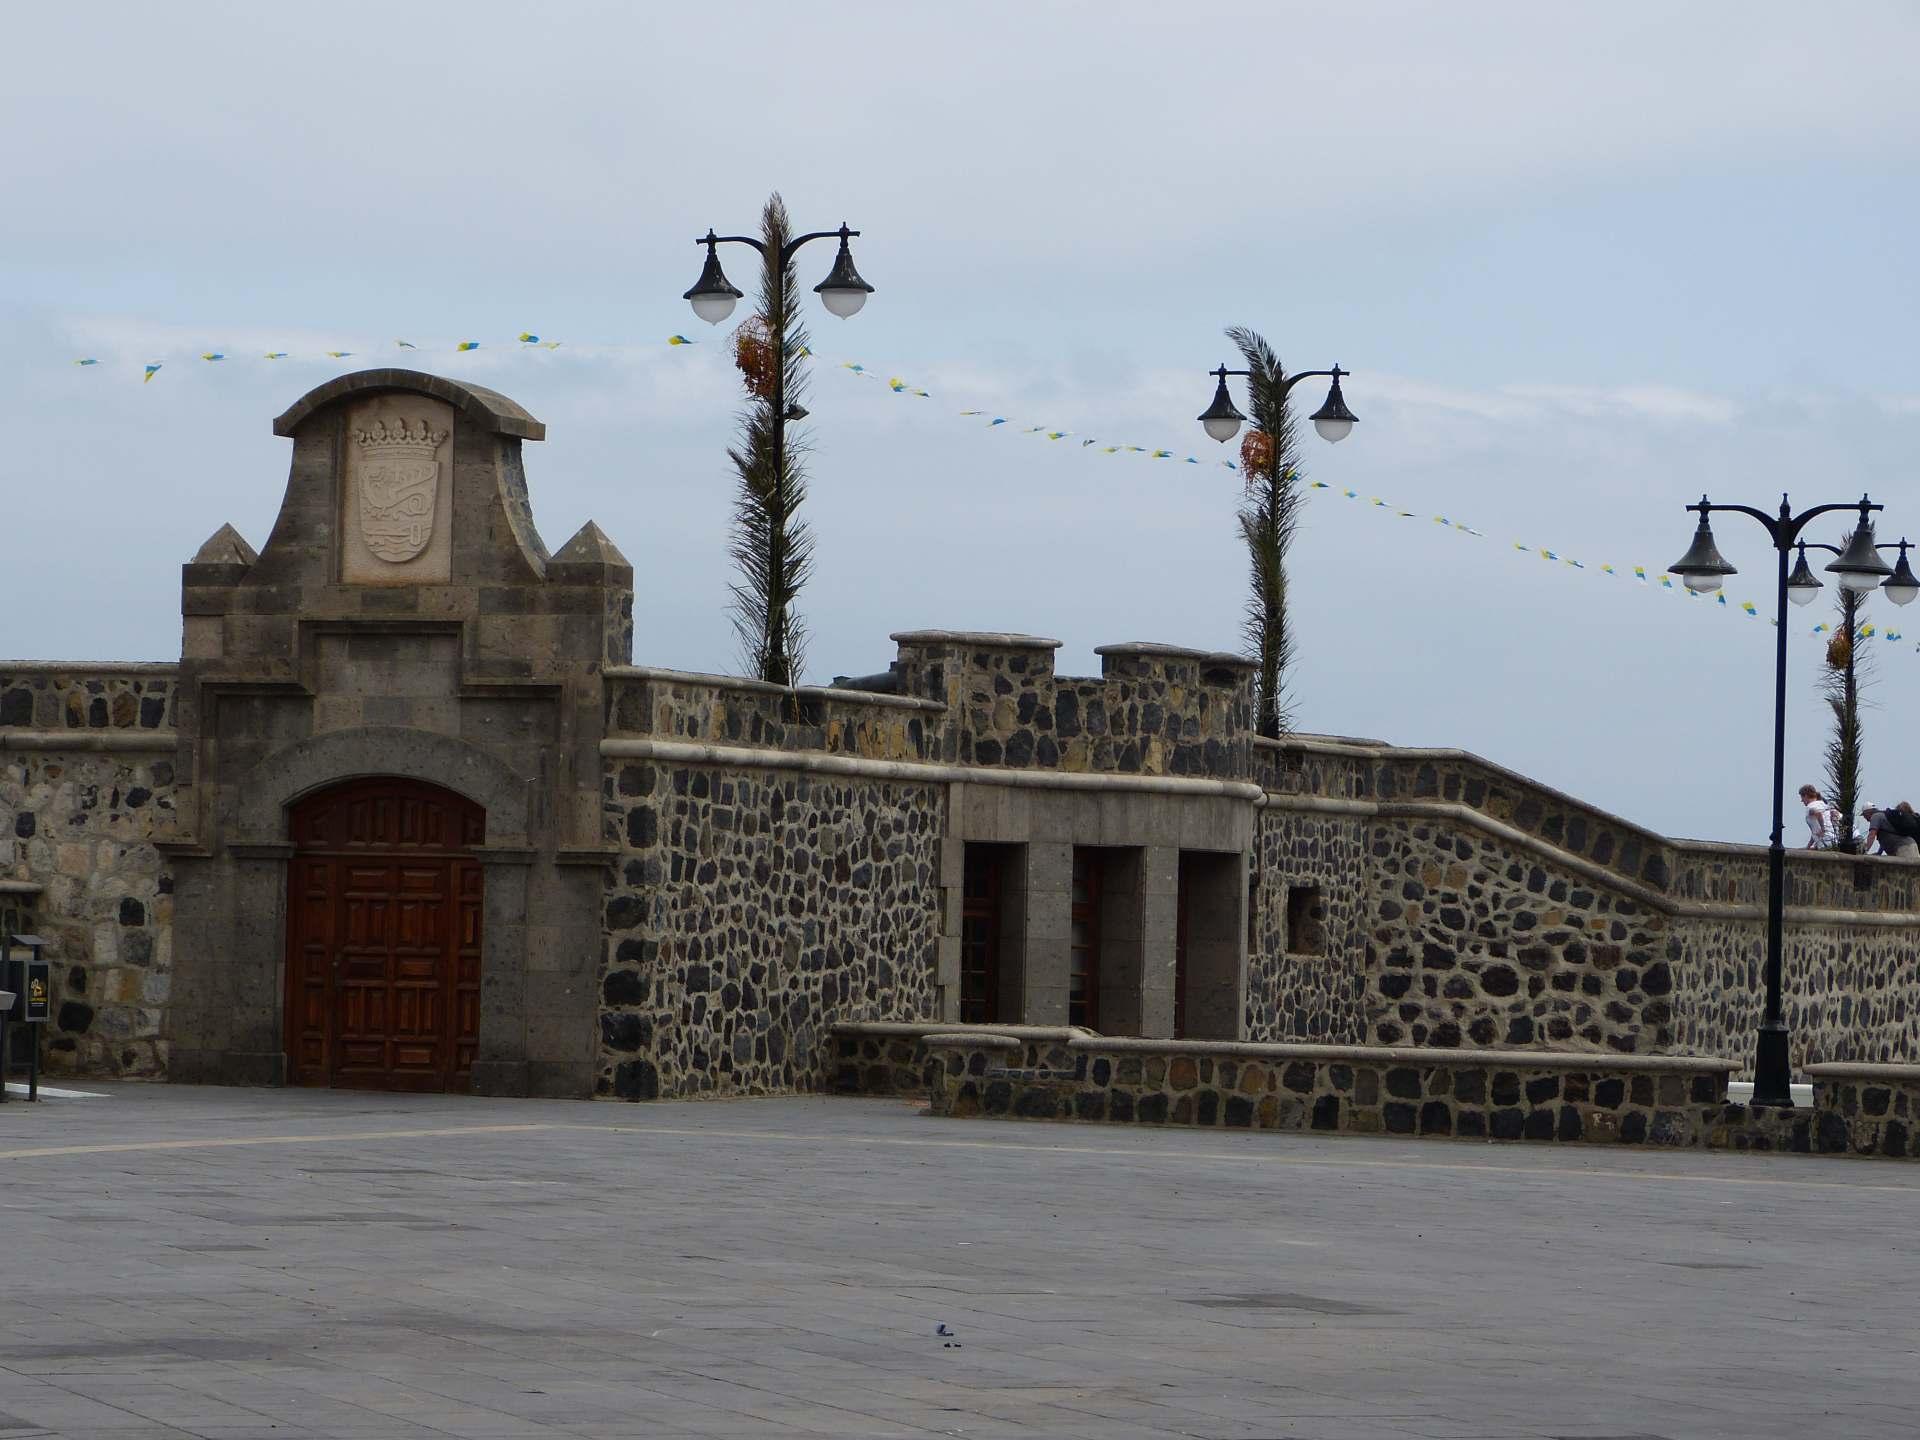 Ein Teil der Befestigungsmauer am Plaza Europa